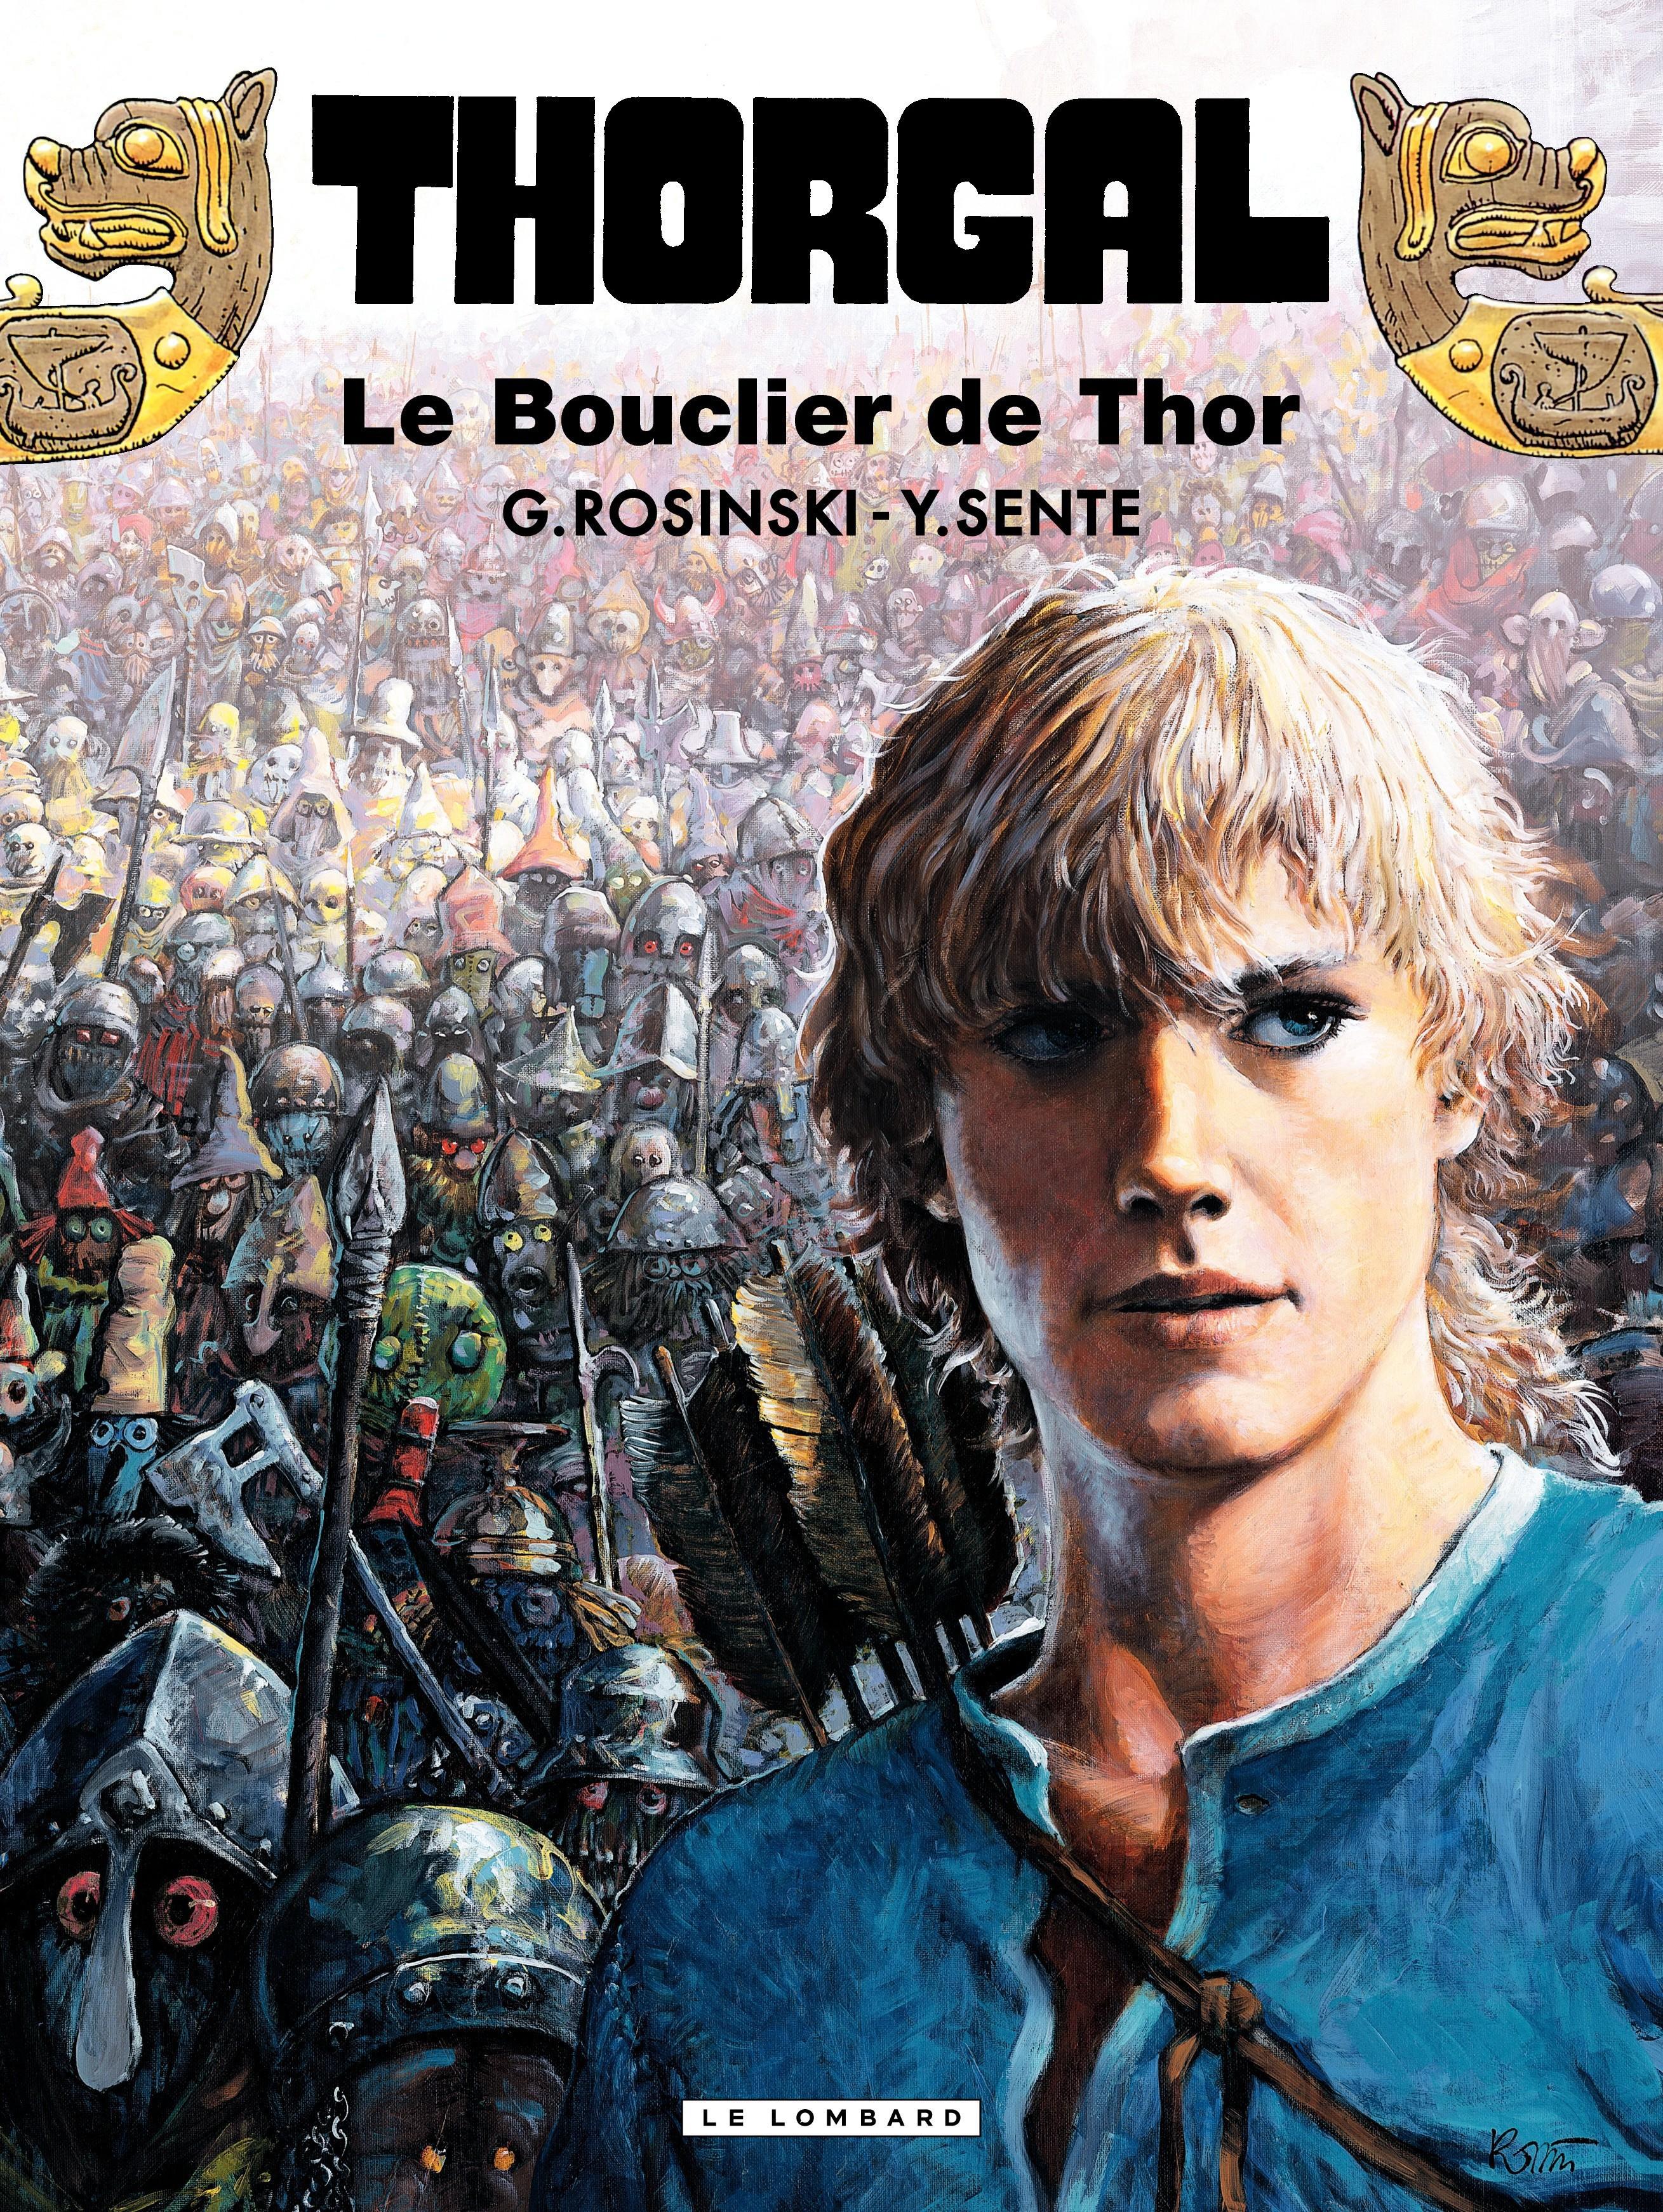 Thorgal - Tome 31 - Le Bouclier de Thor